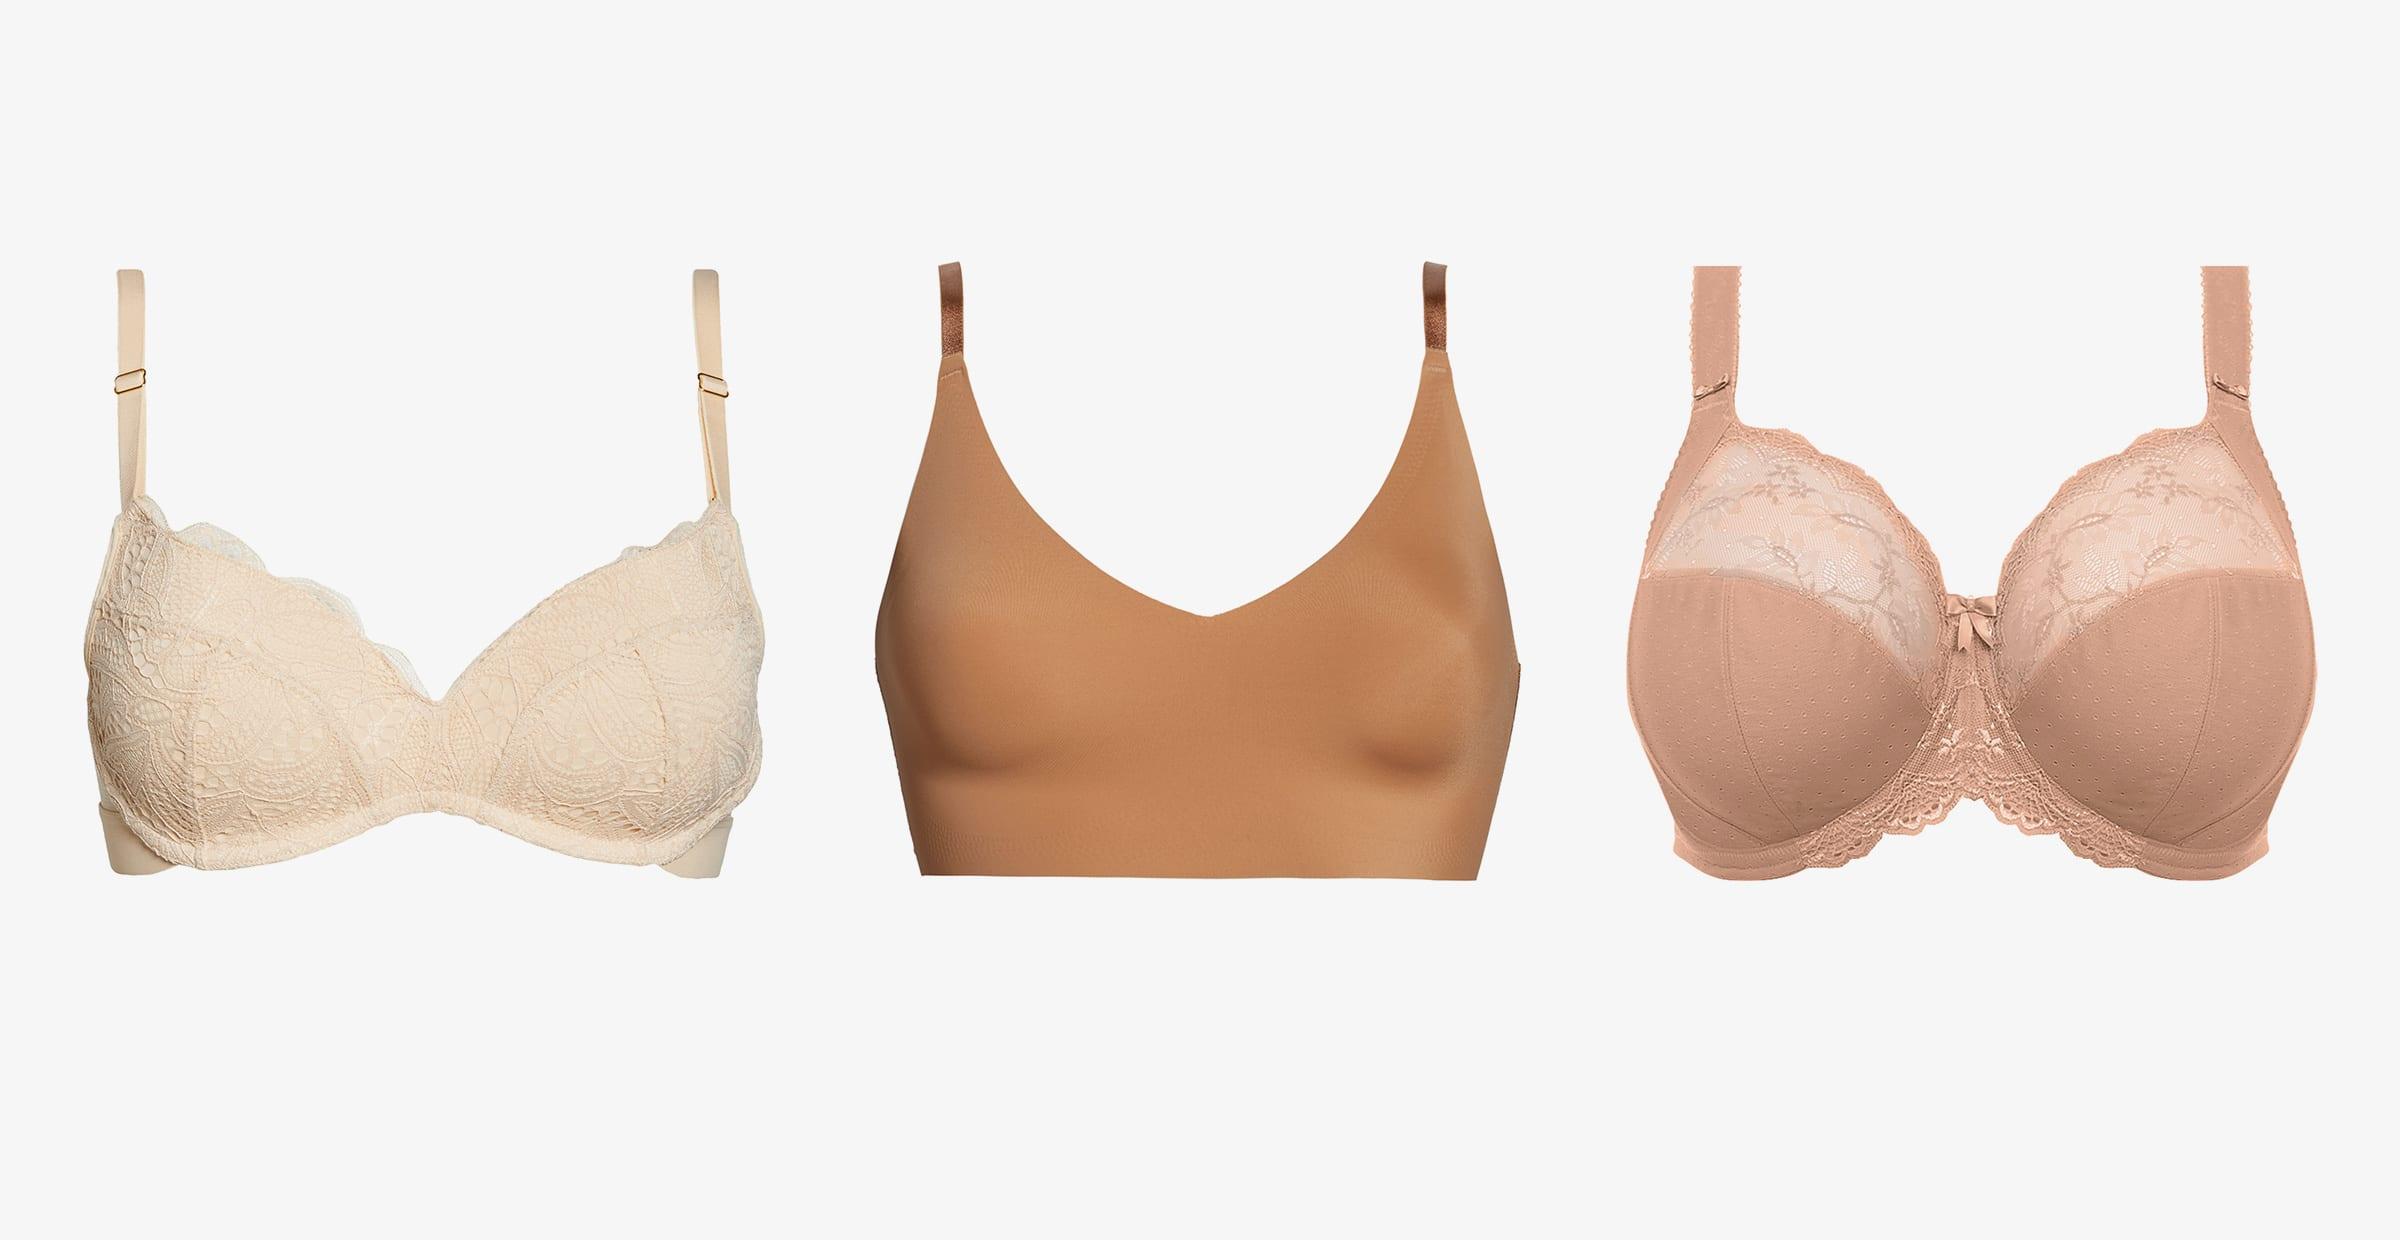 Women's white lace bra, nude bralette and full coverage bra